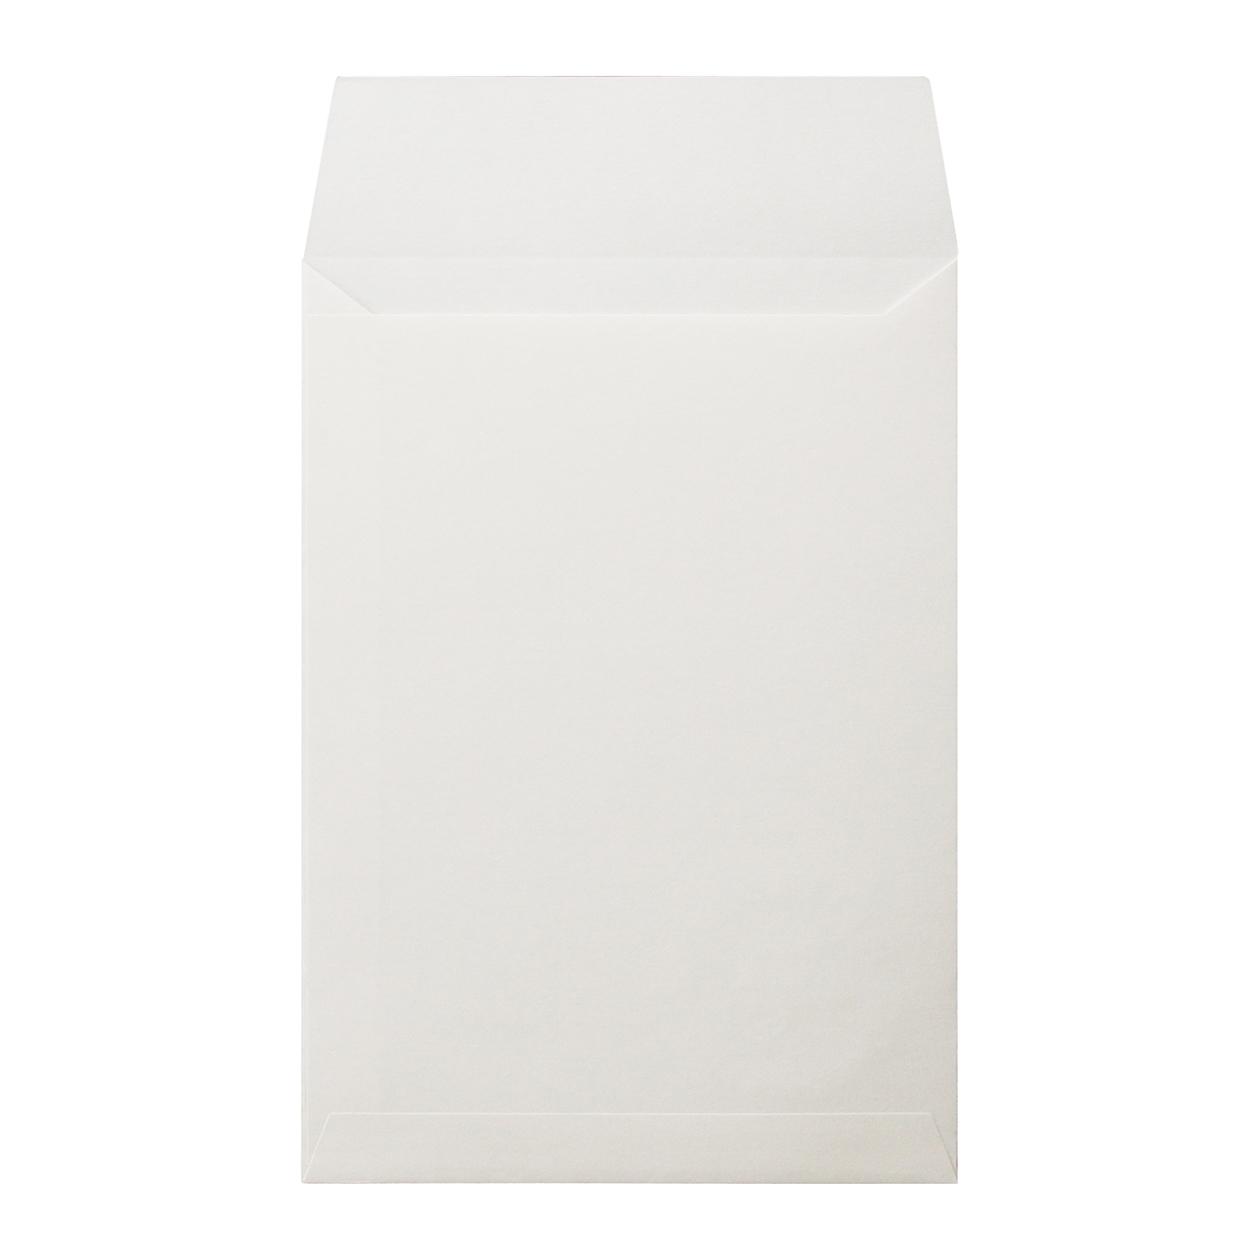 サンプル 封筒・袋 00094